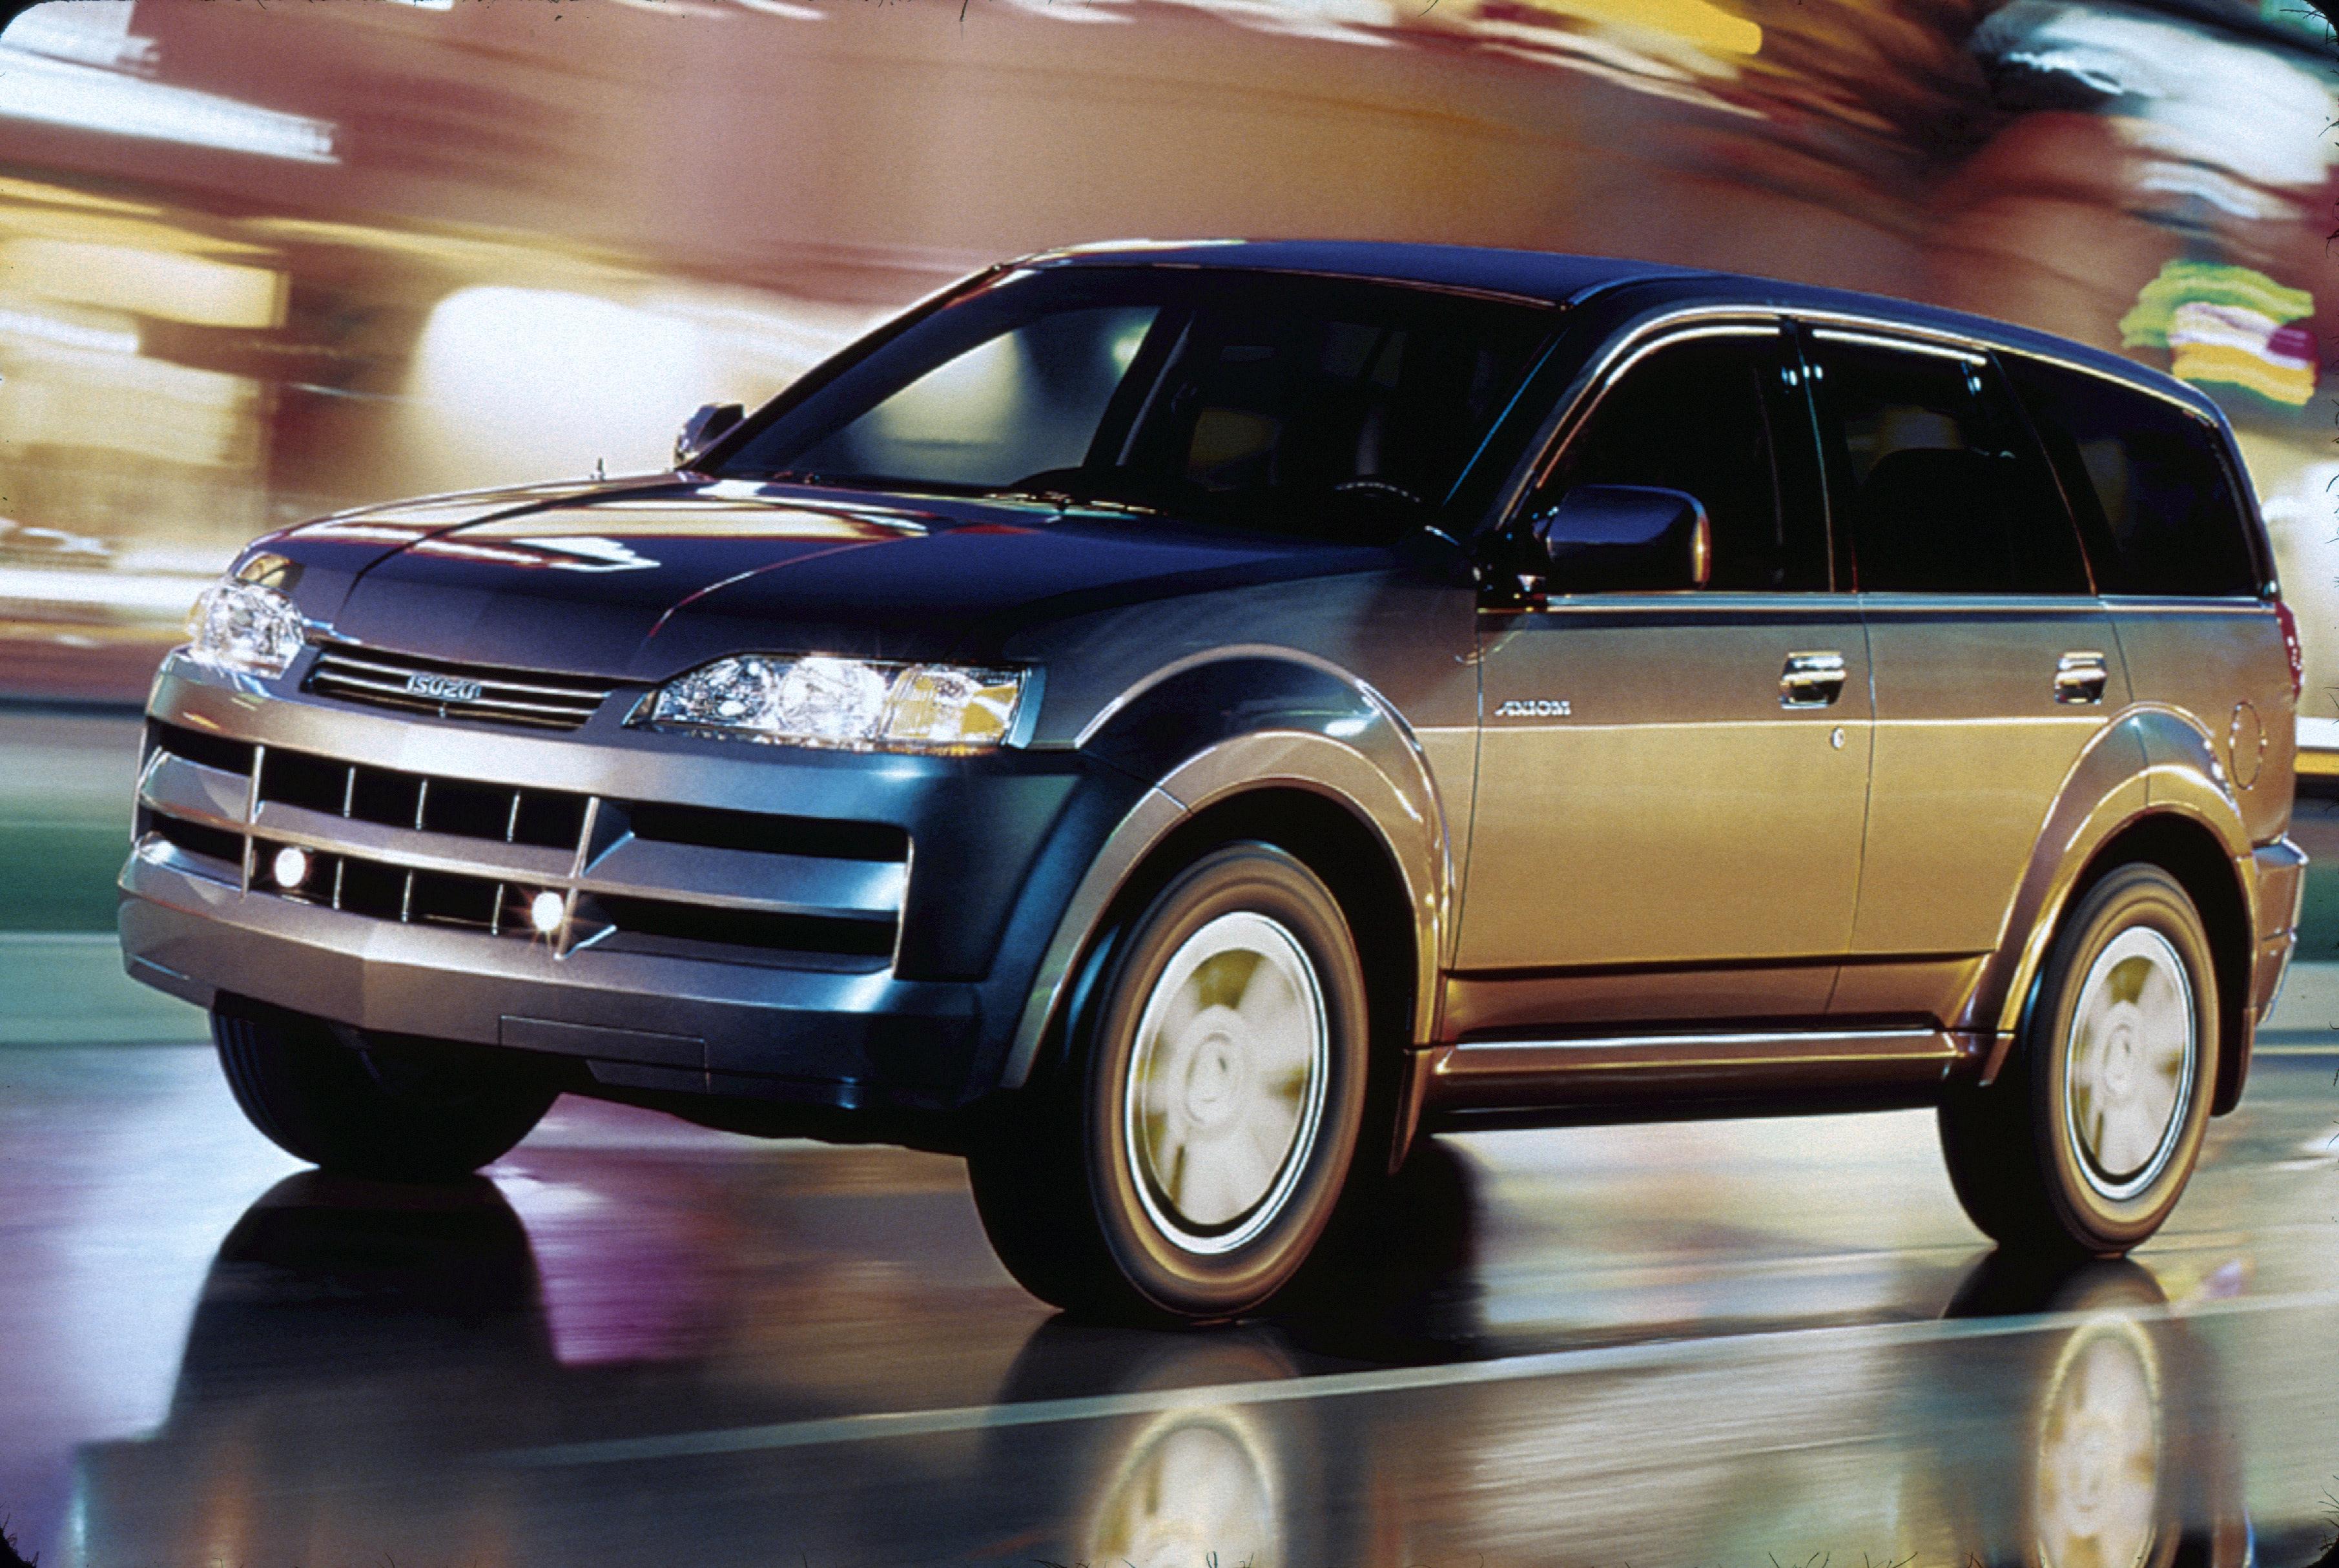 Isuzu Axiom 2001 - 2004 SUV 5 door #3